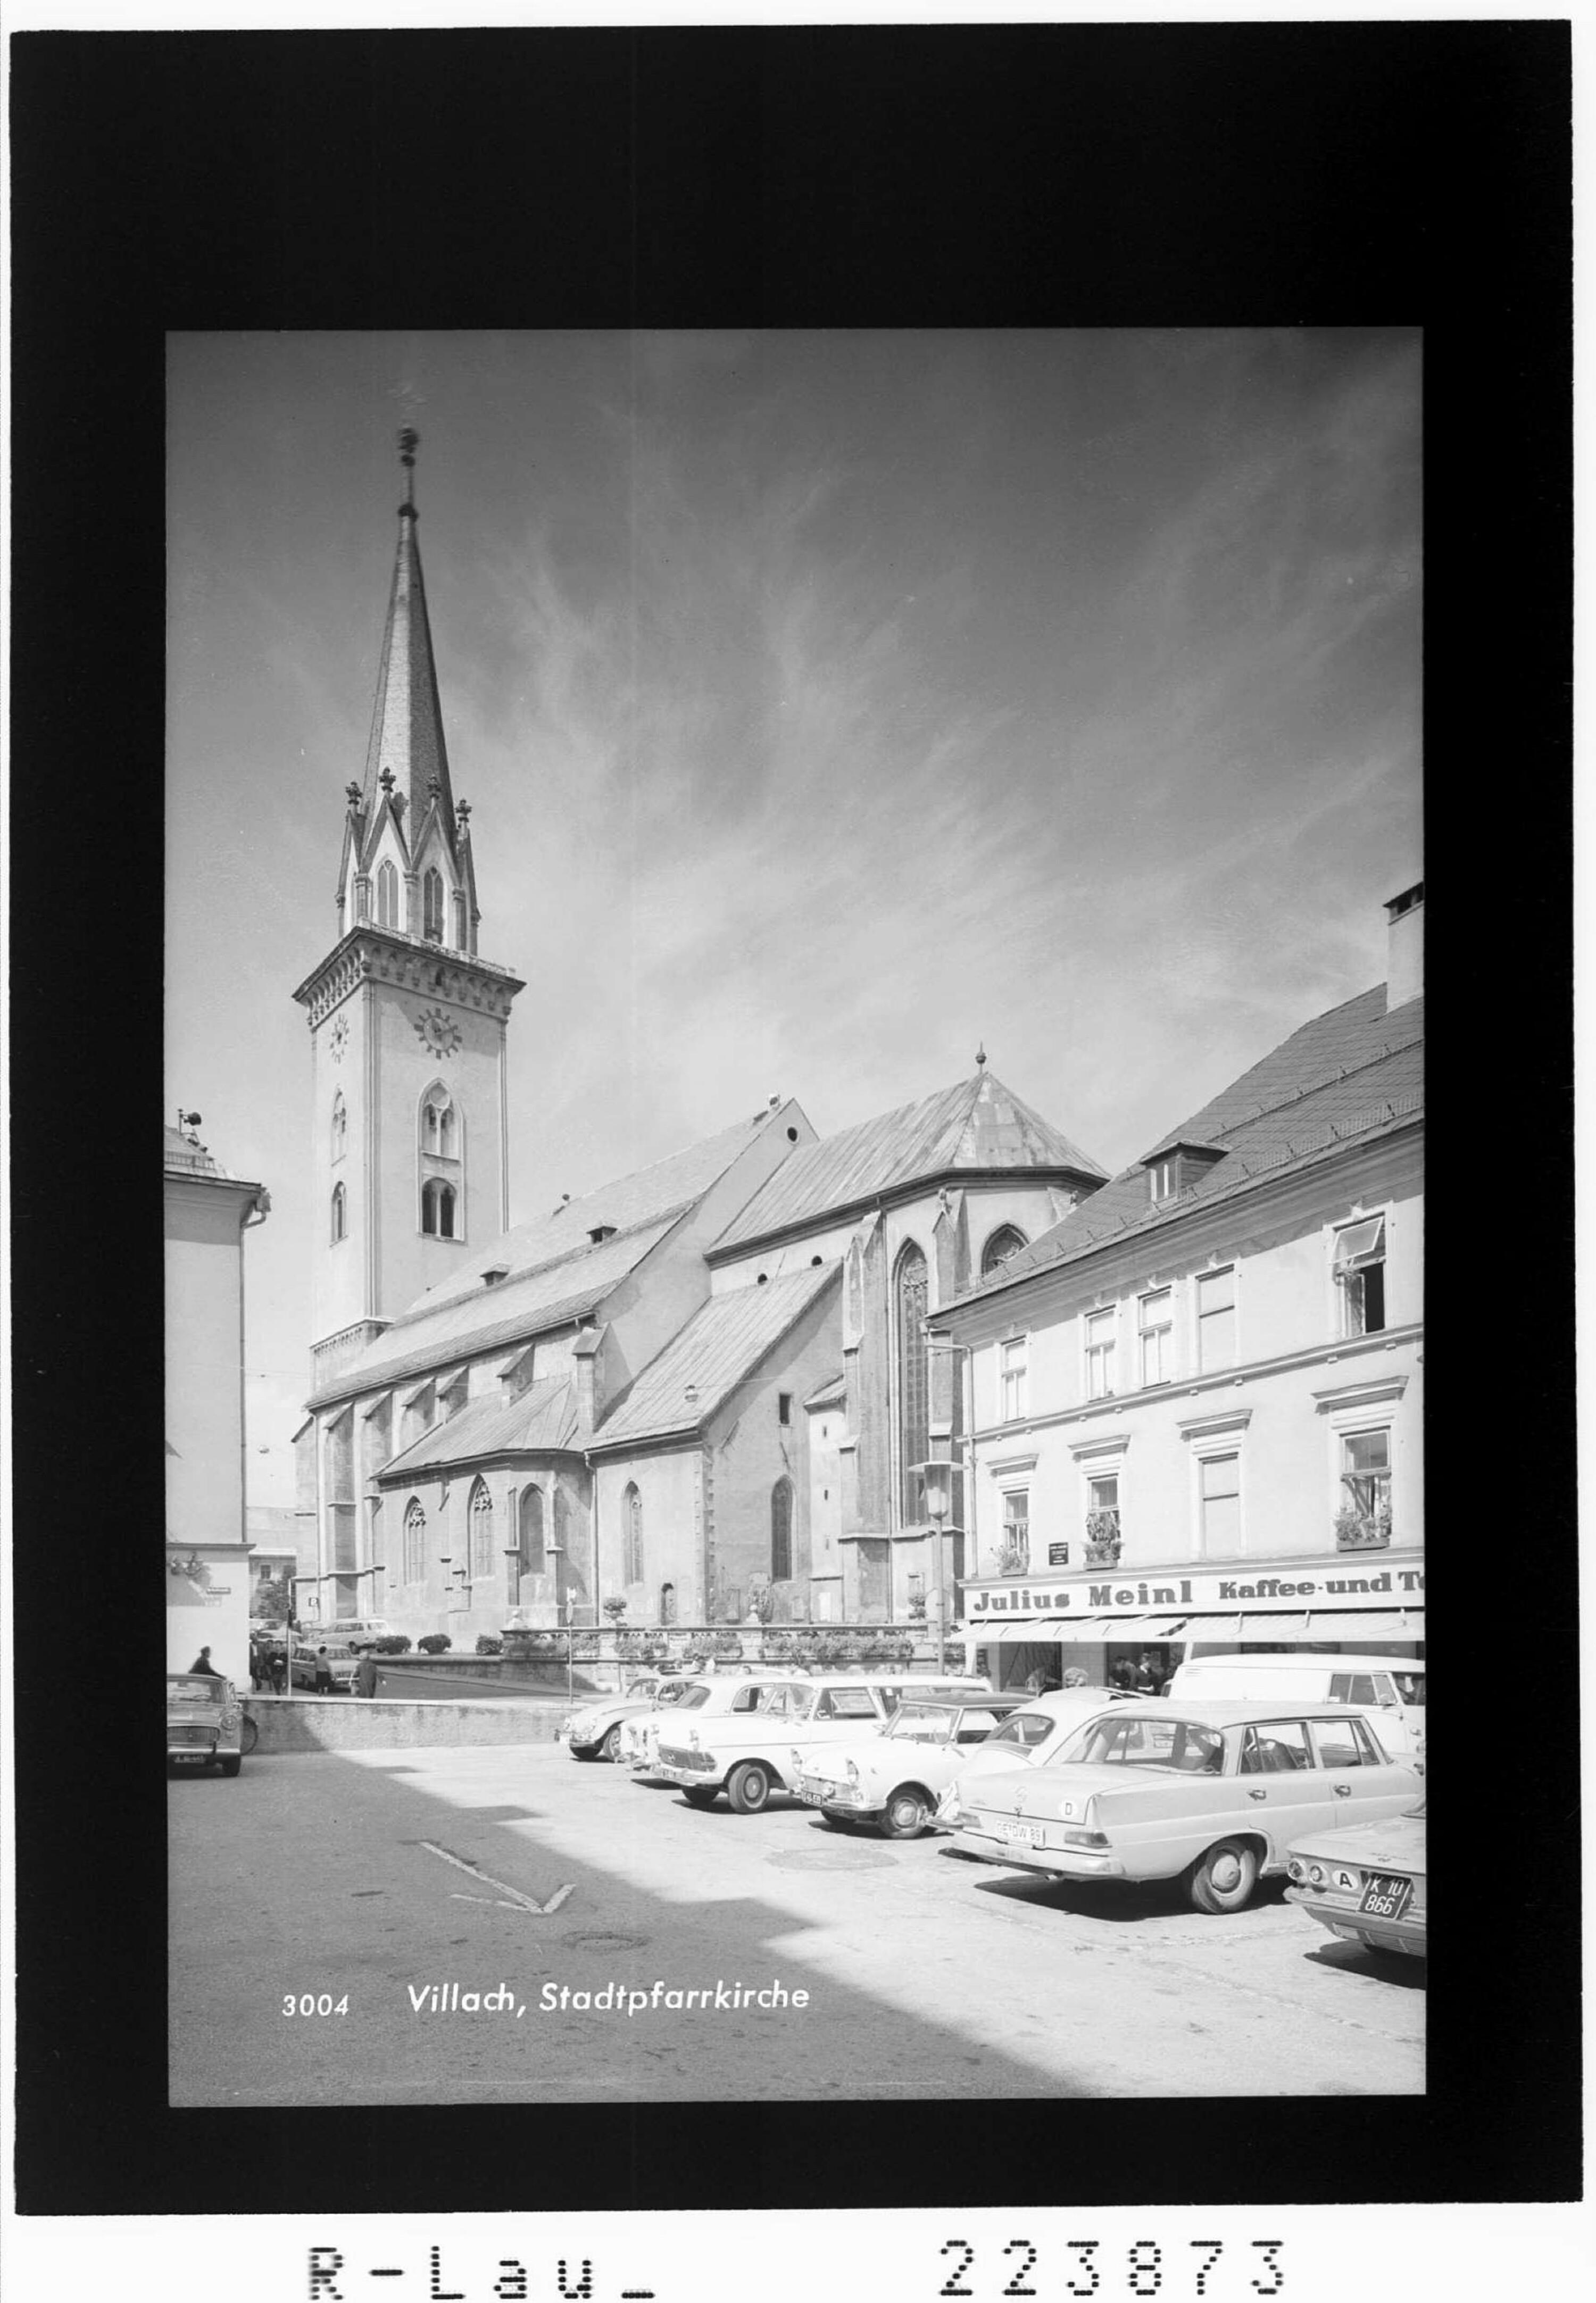 Villach / Stadtpfarrkirche von Gamberger